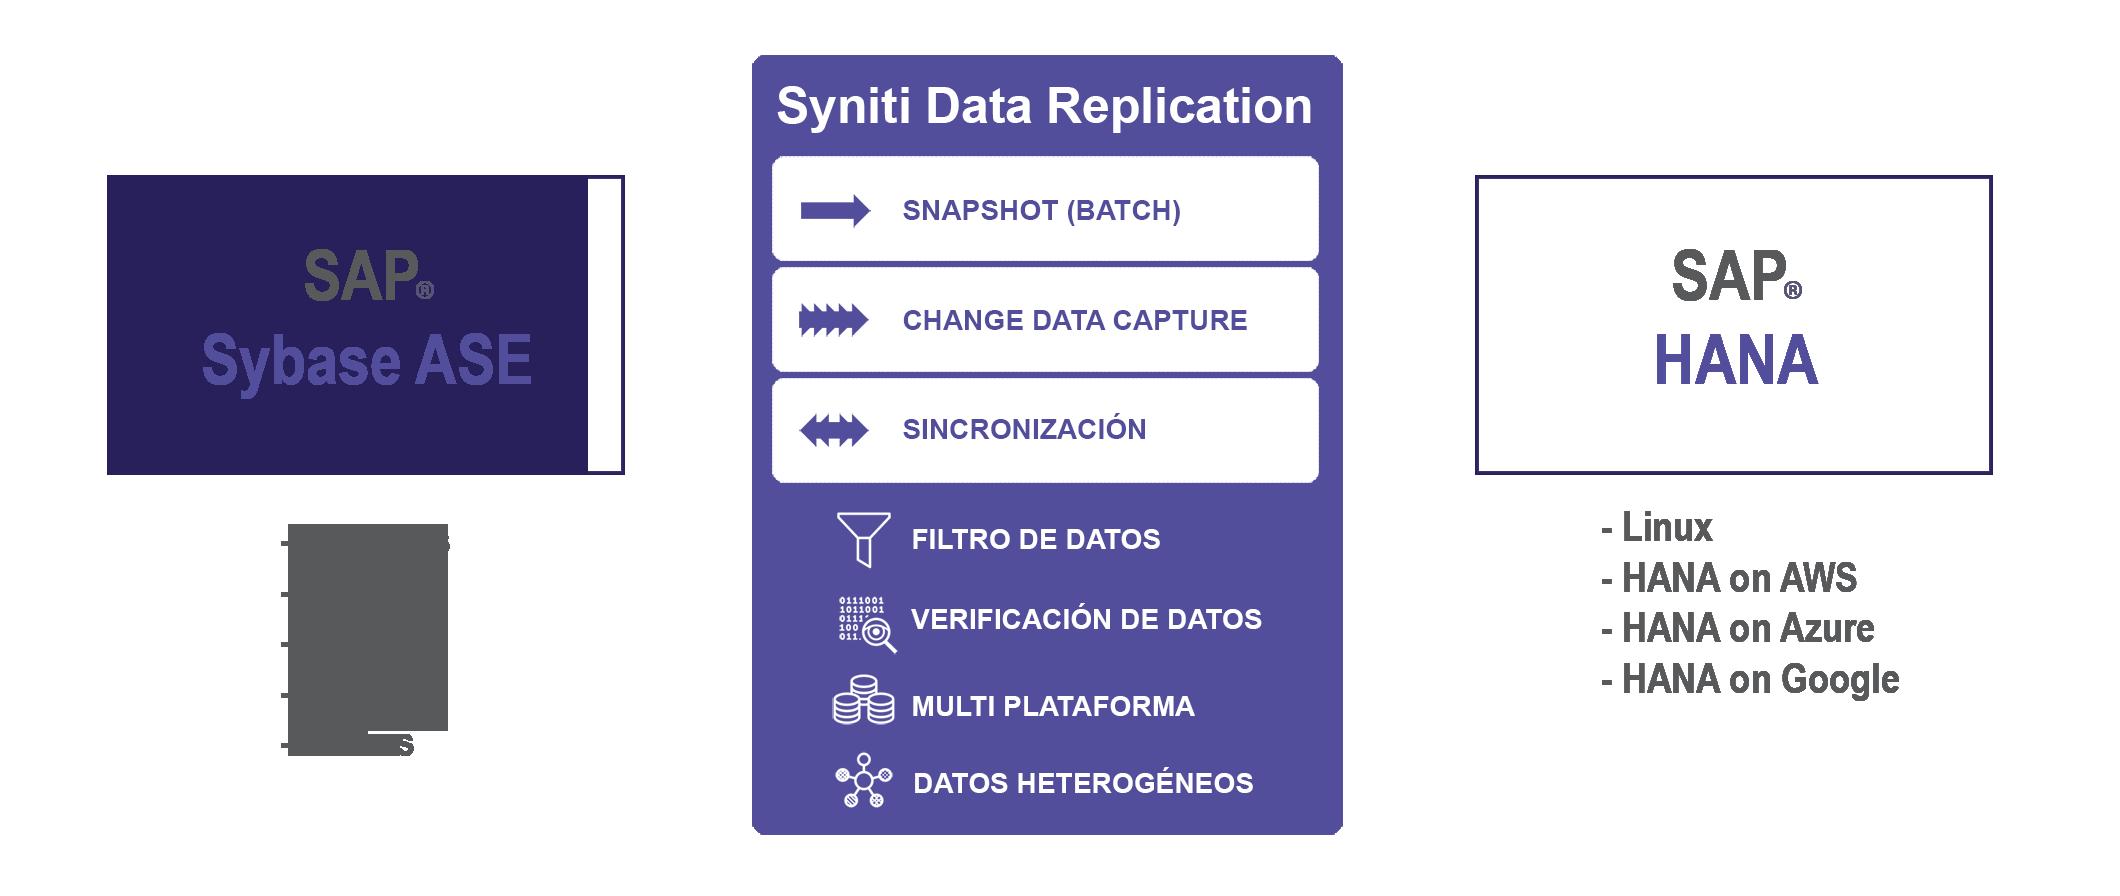 Replicación de datos Sybase SAP ASE a HANA